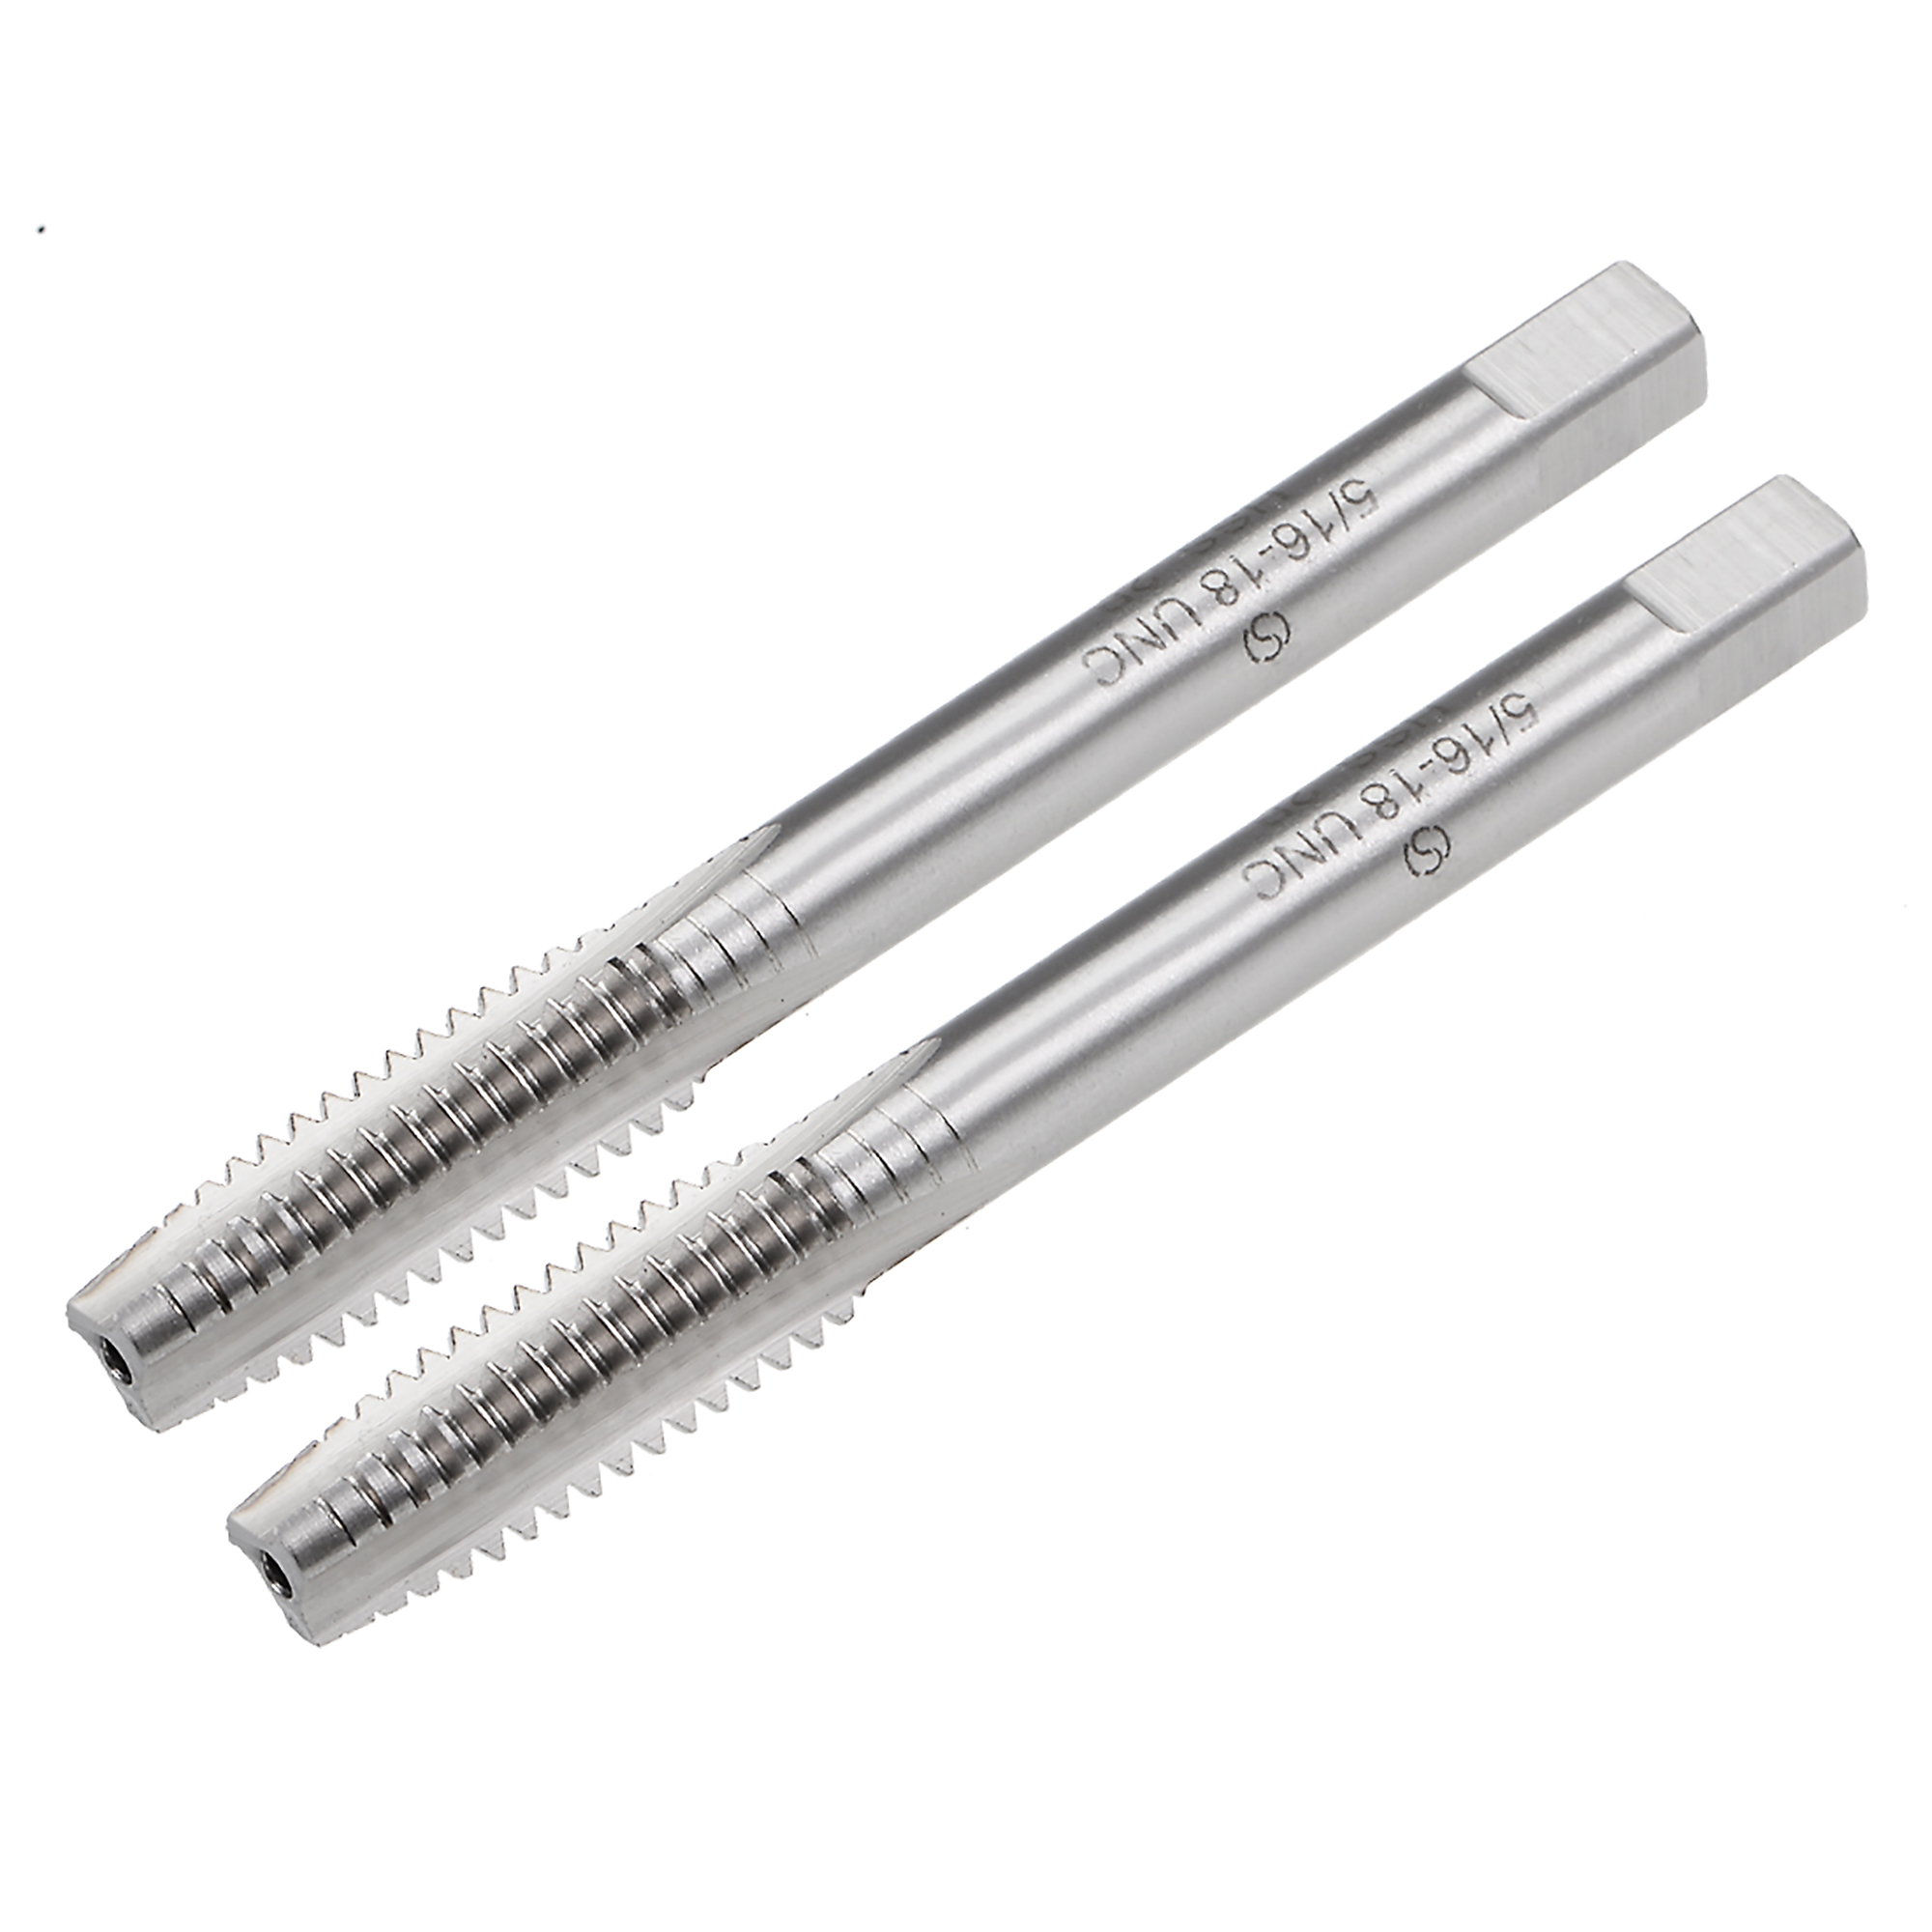 Machine Tap 5//16-18 UNC Thread Pitch 2B 3 Flutes High Speed Steel